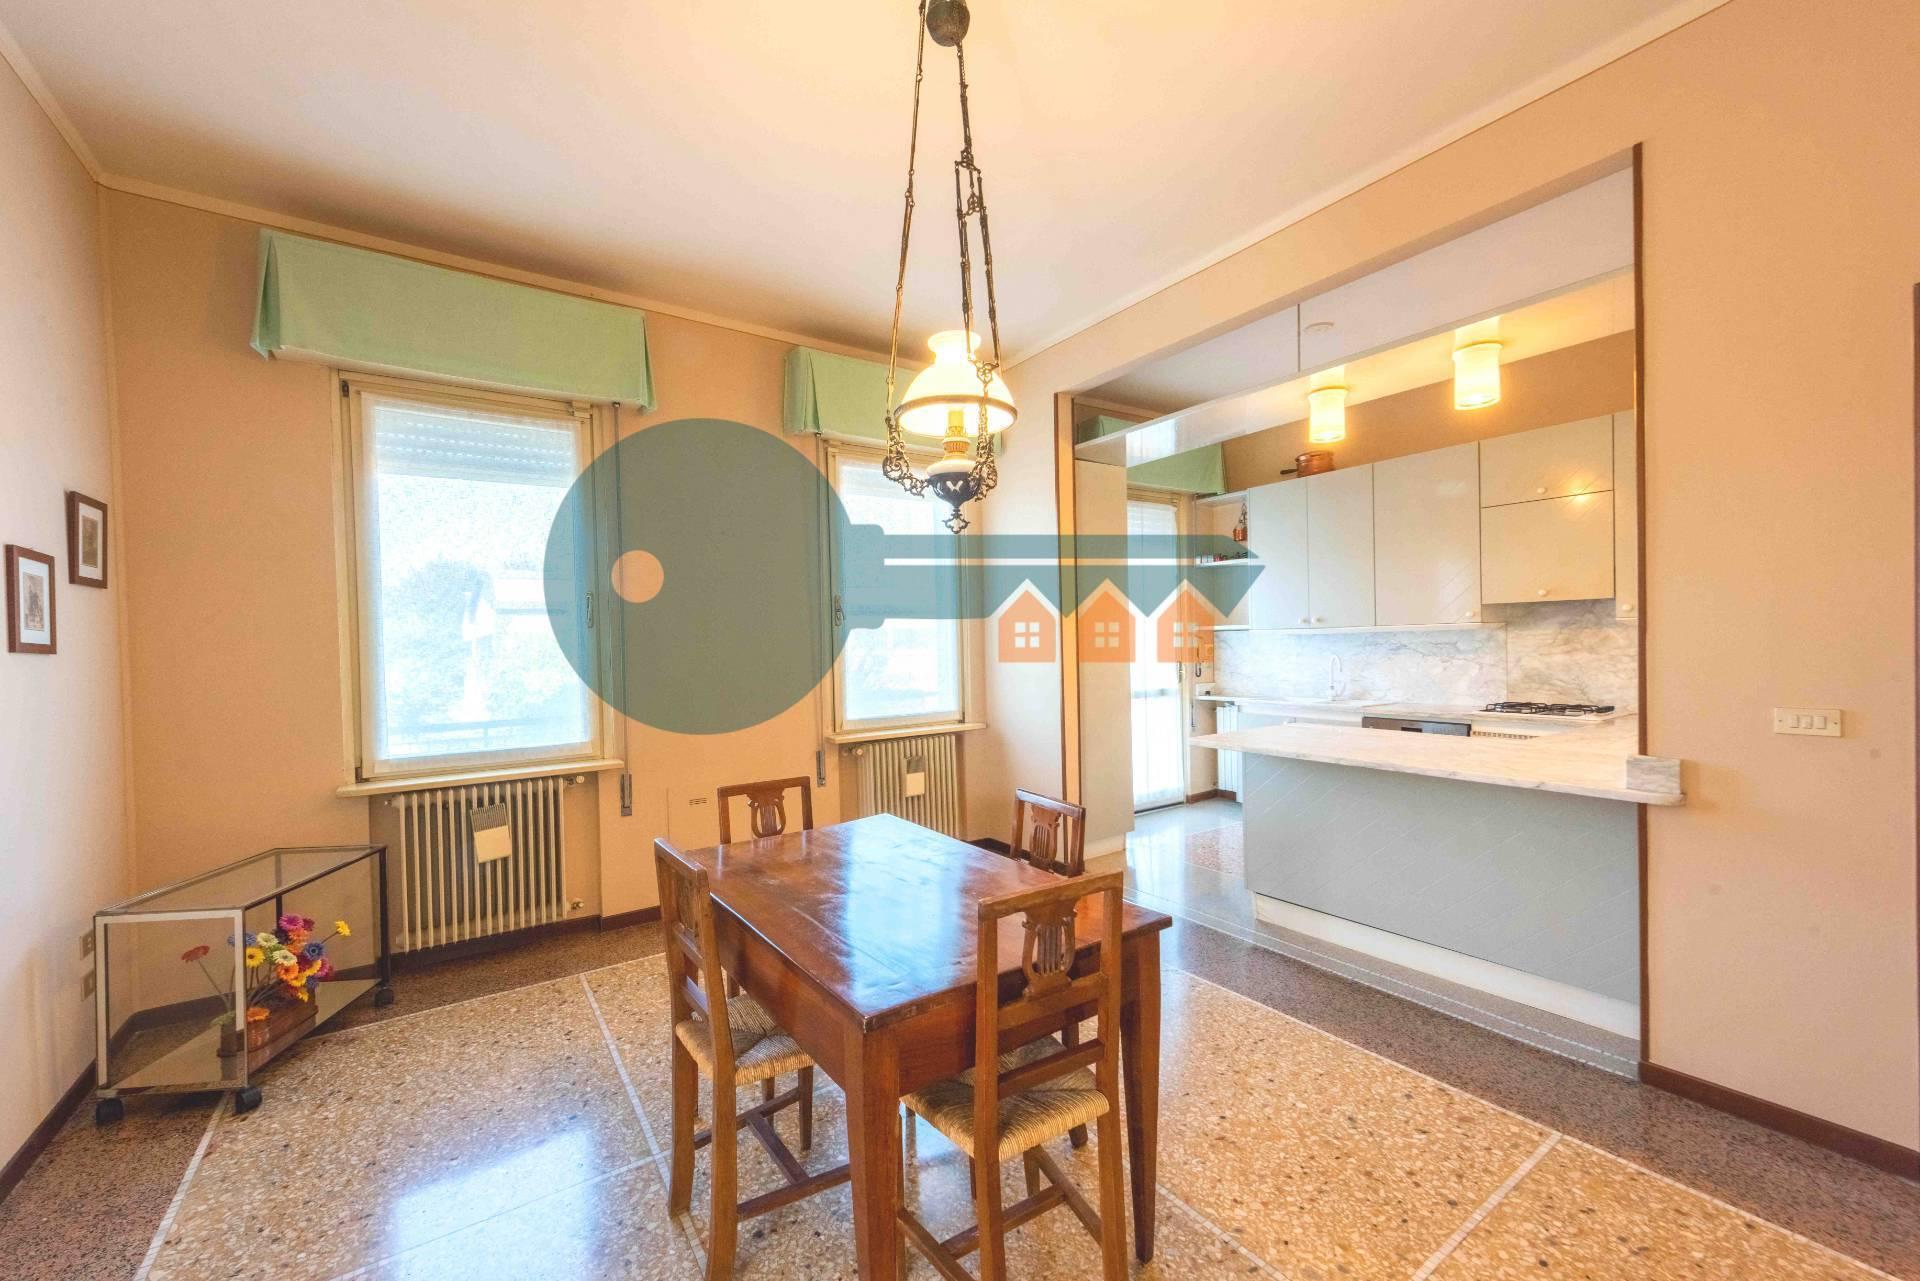 Villa Bifamiliare in vendita a Bagnolo Mella, 16 locali, prezzo € 339.000 | PortaleAgenzieImmobiliari.it